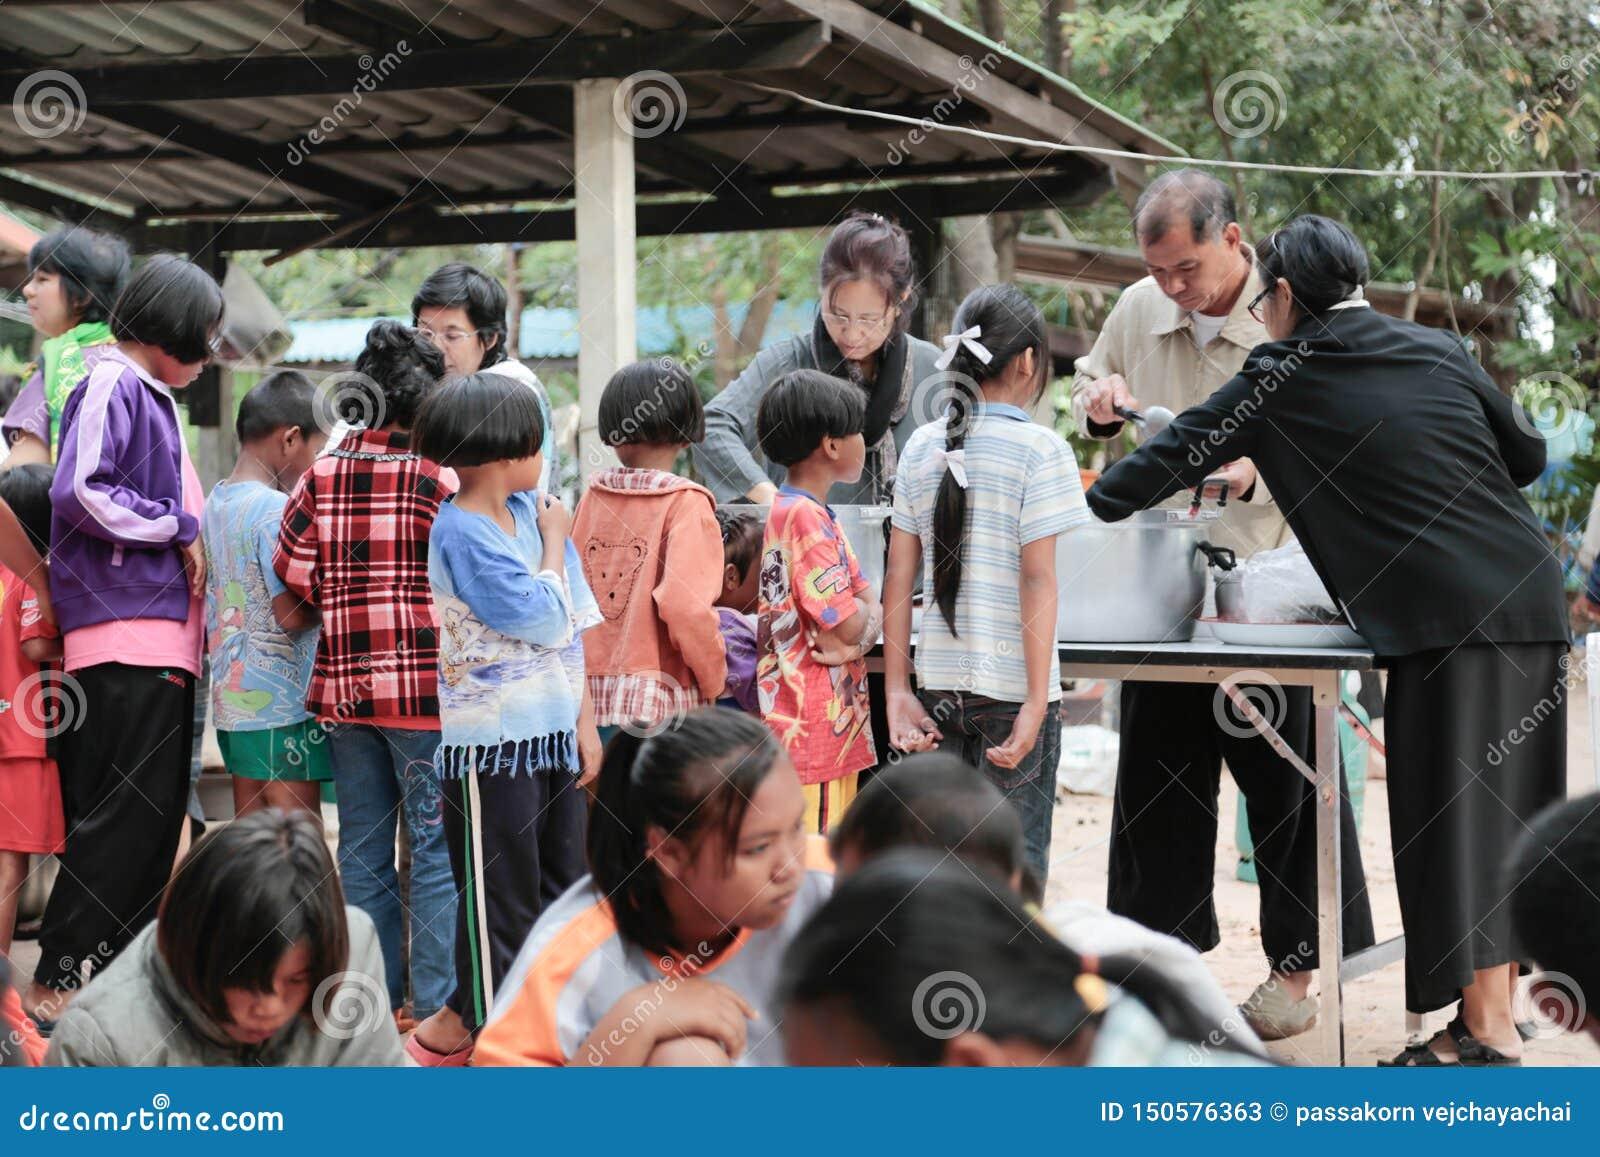 Darowizna jedzenie dzieci